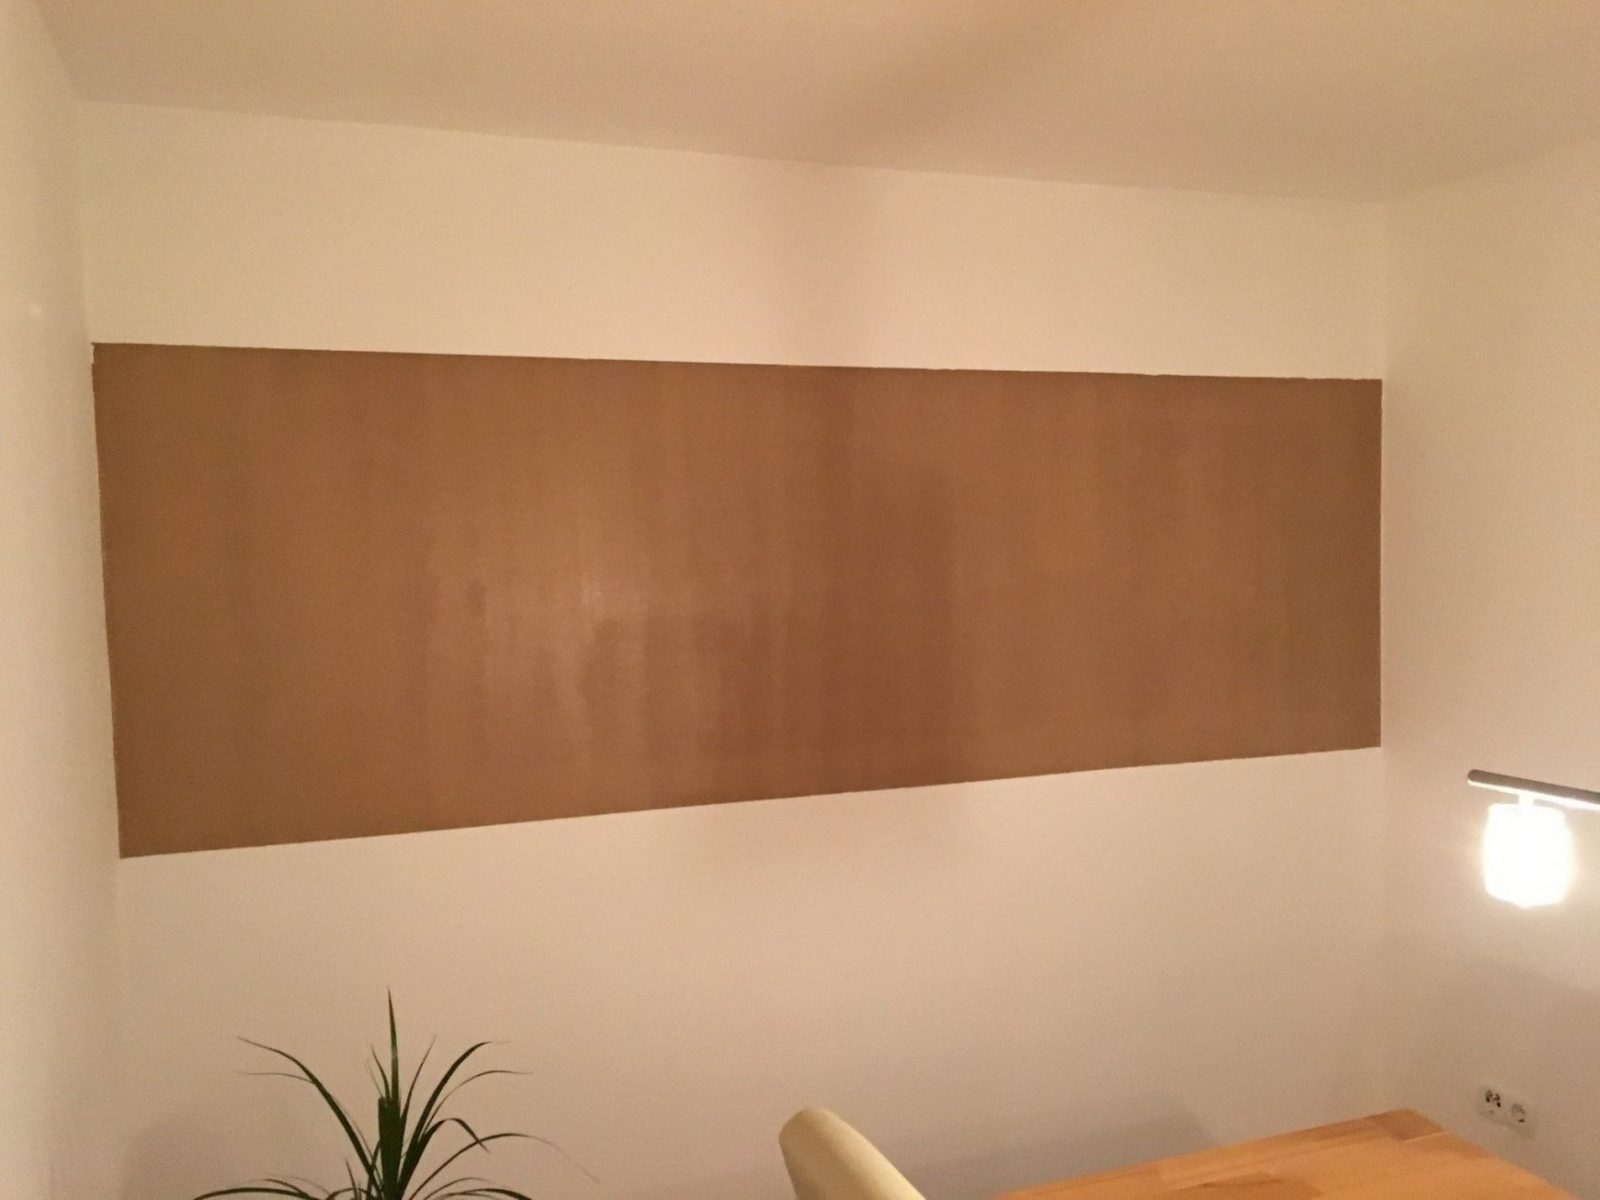 Saubere Kanten Bei Zweifarbiger Wand Streichen  So Geht Es von Wand Streichen Streifen Abkleben Photo